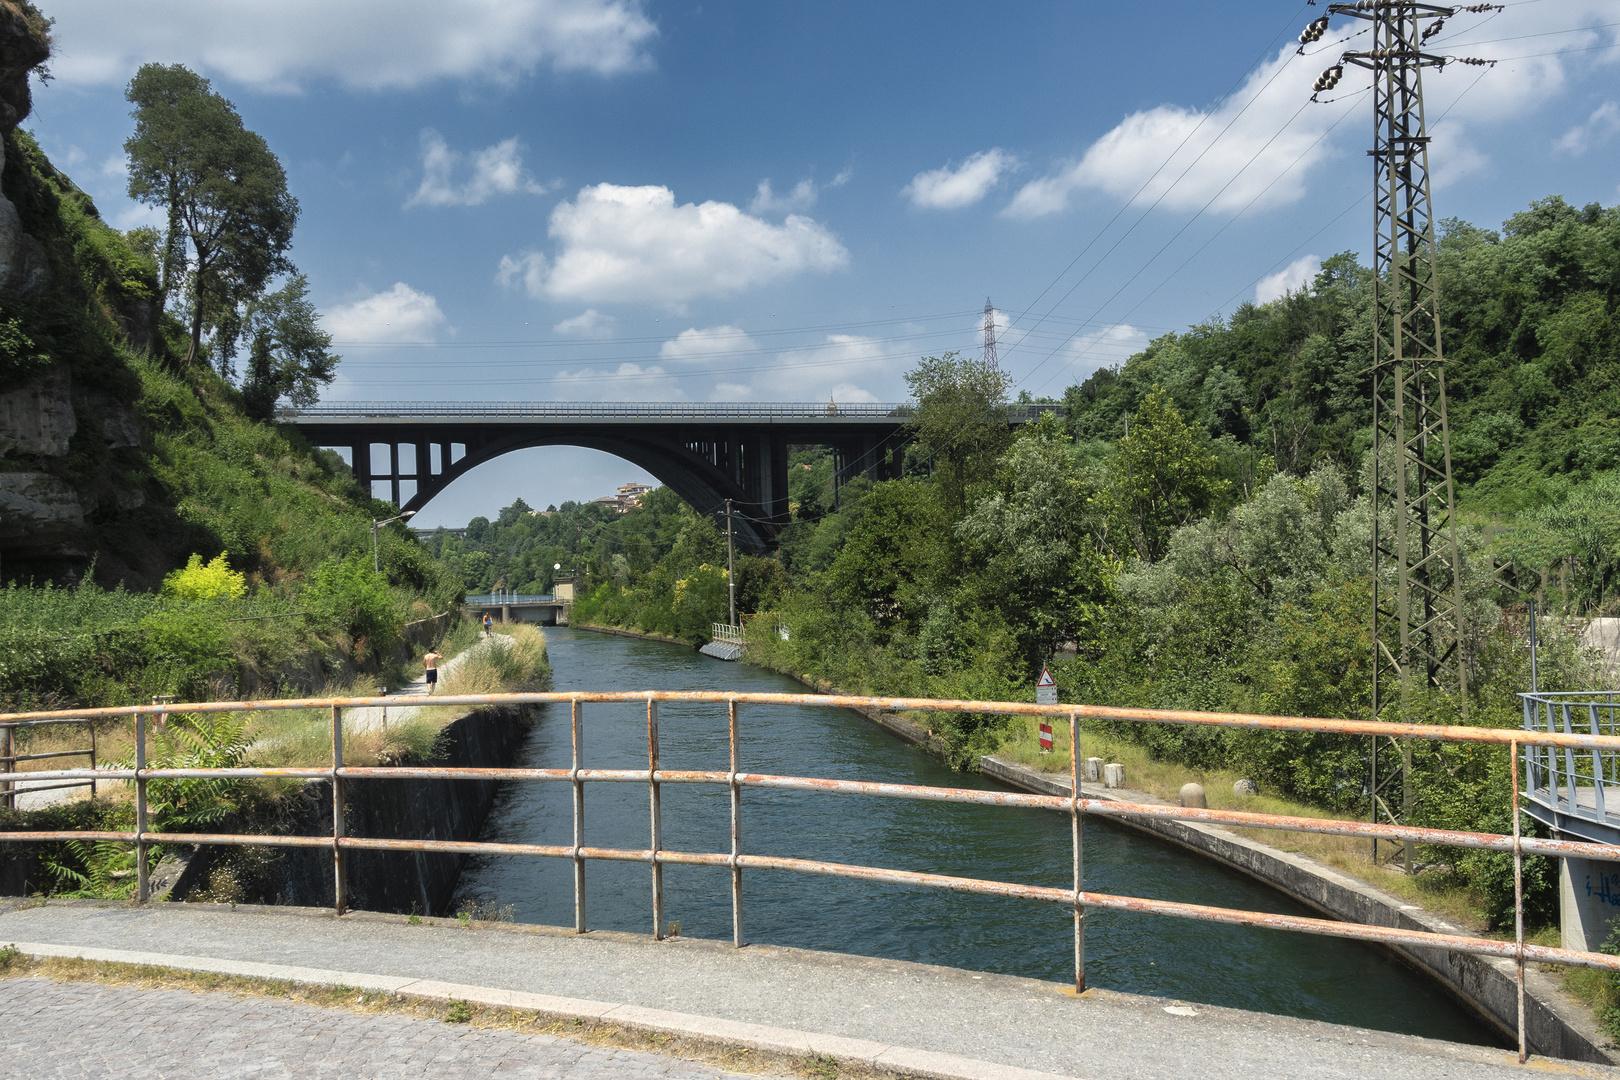 Vista dal ponte della centrale, fiume Adda